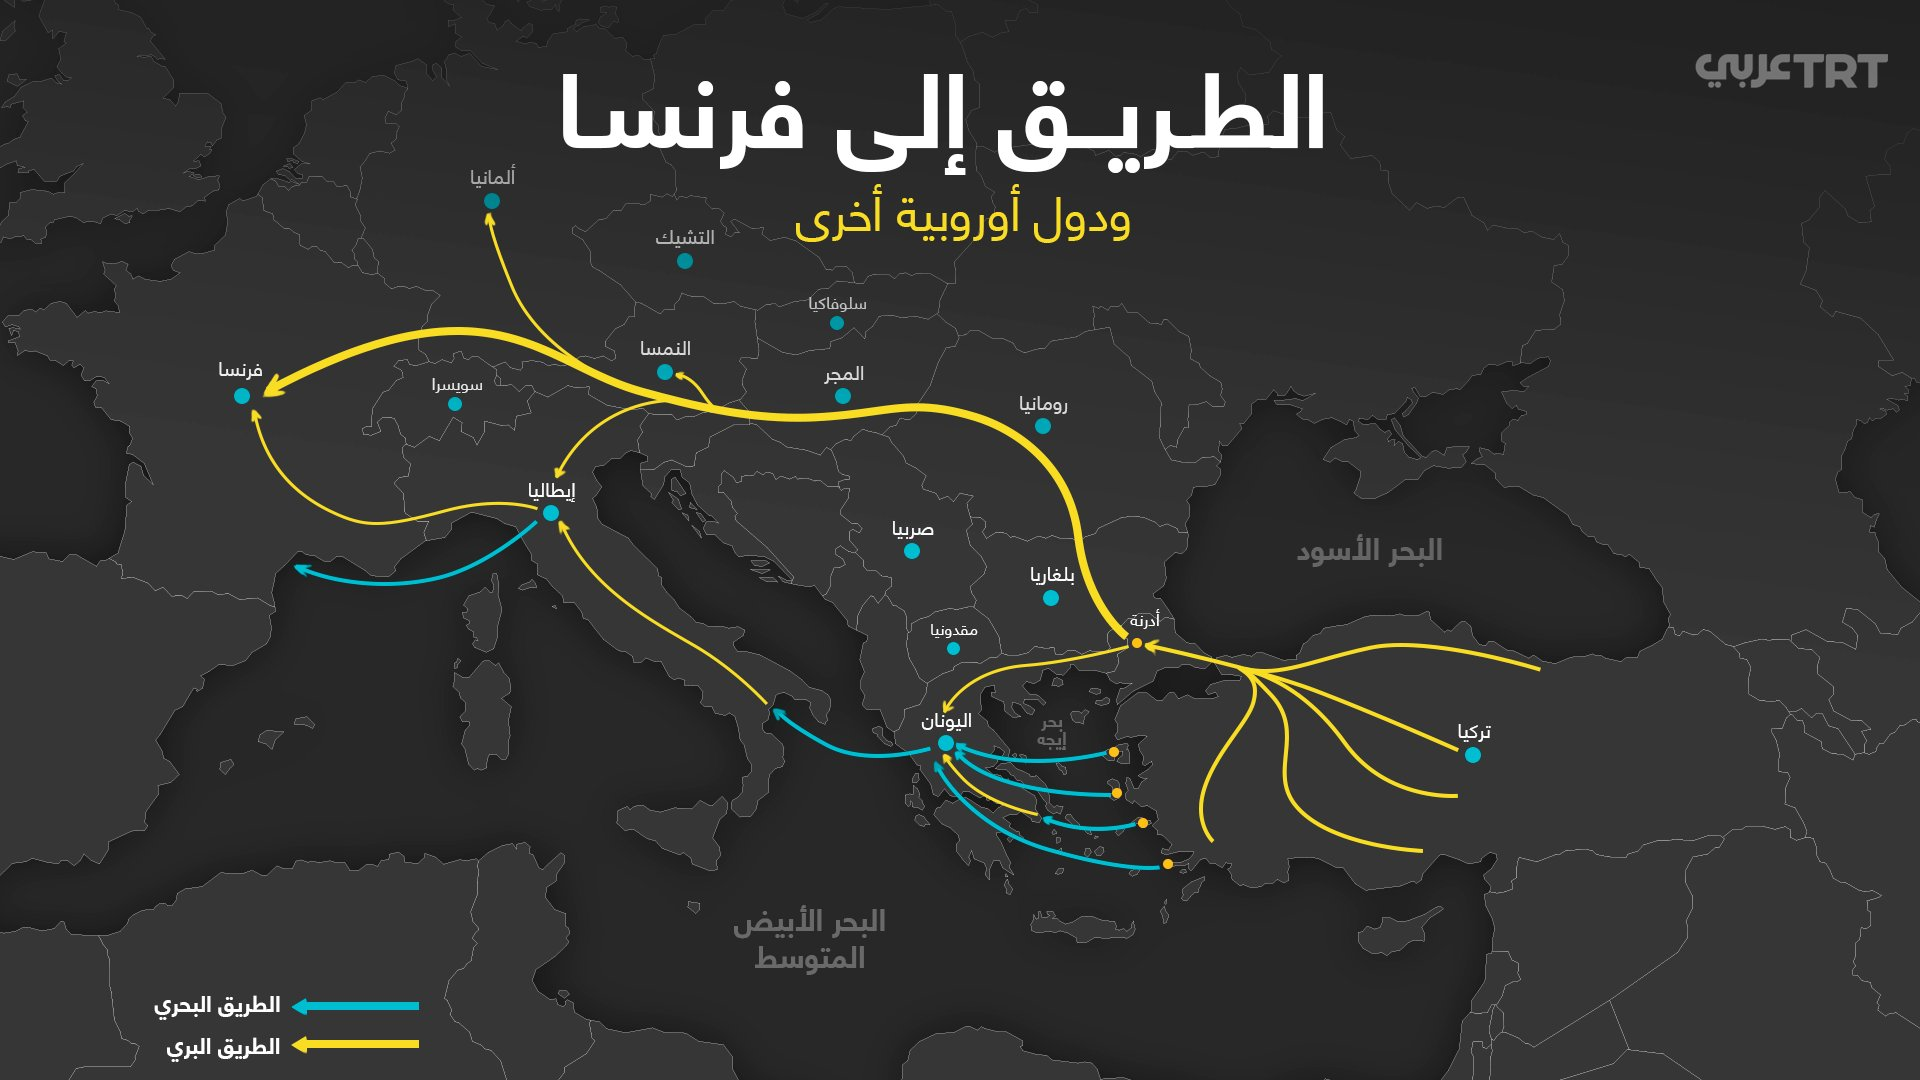 الاعلام التركي ينشر خريطة توضيحية لطريق الهجرة من تركيا إلى أوروبا تركيا بالعربي